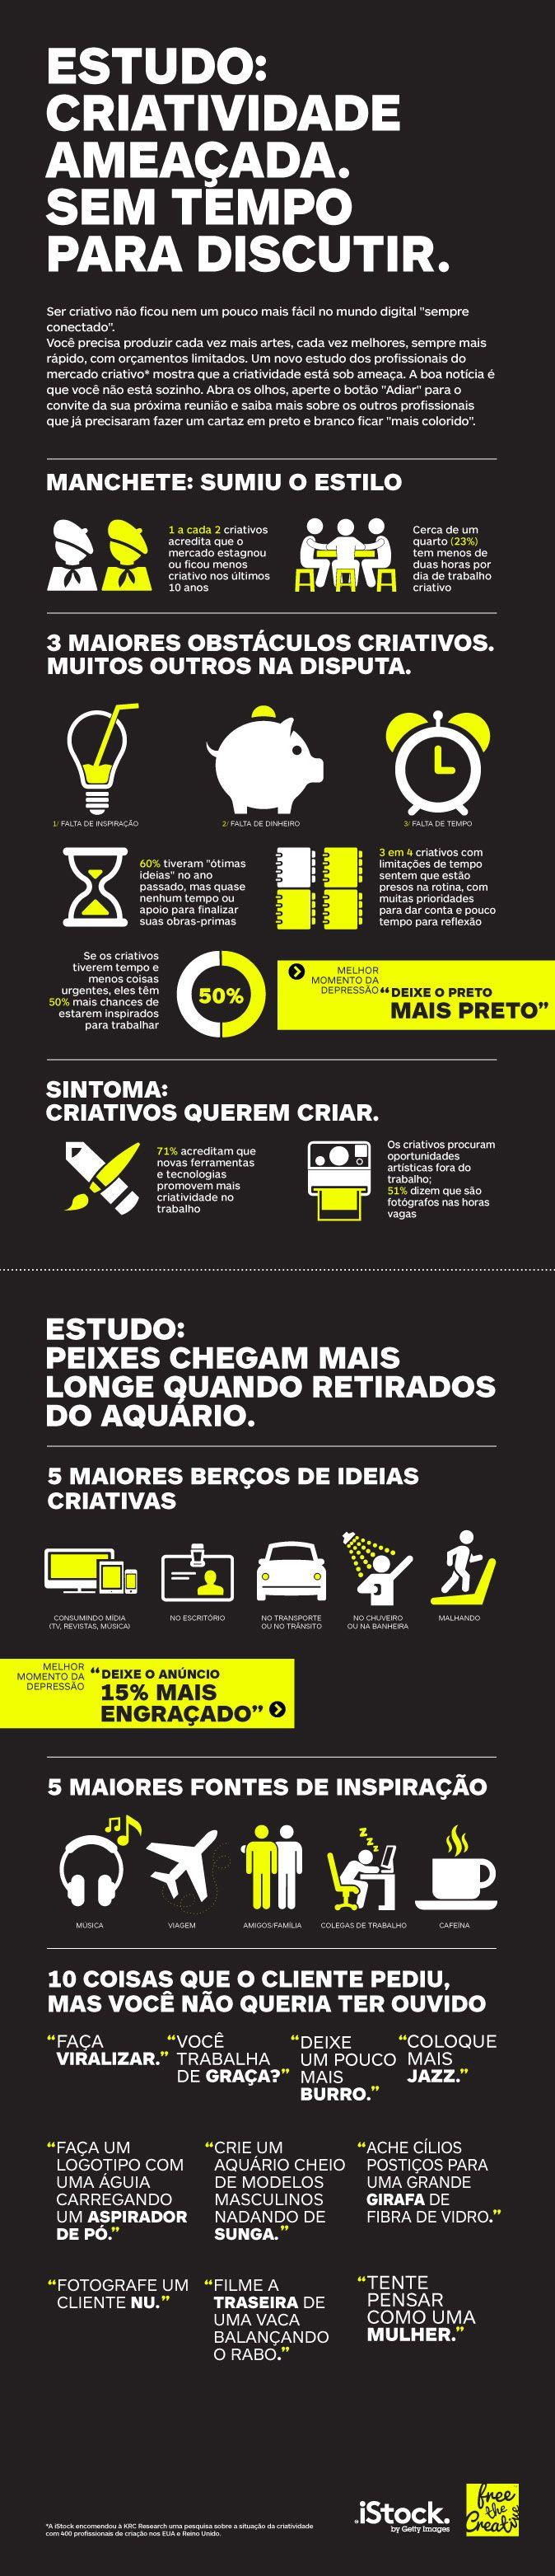 Infográfico: O que mais inspira e frustra os criativos